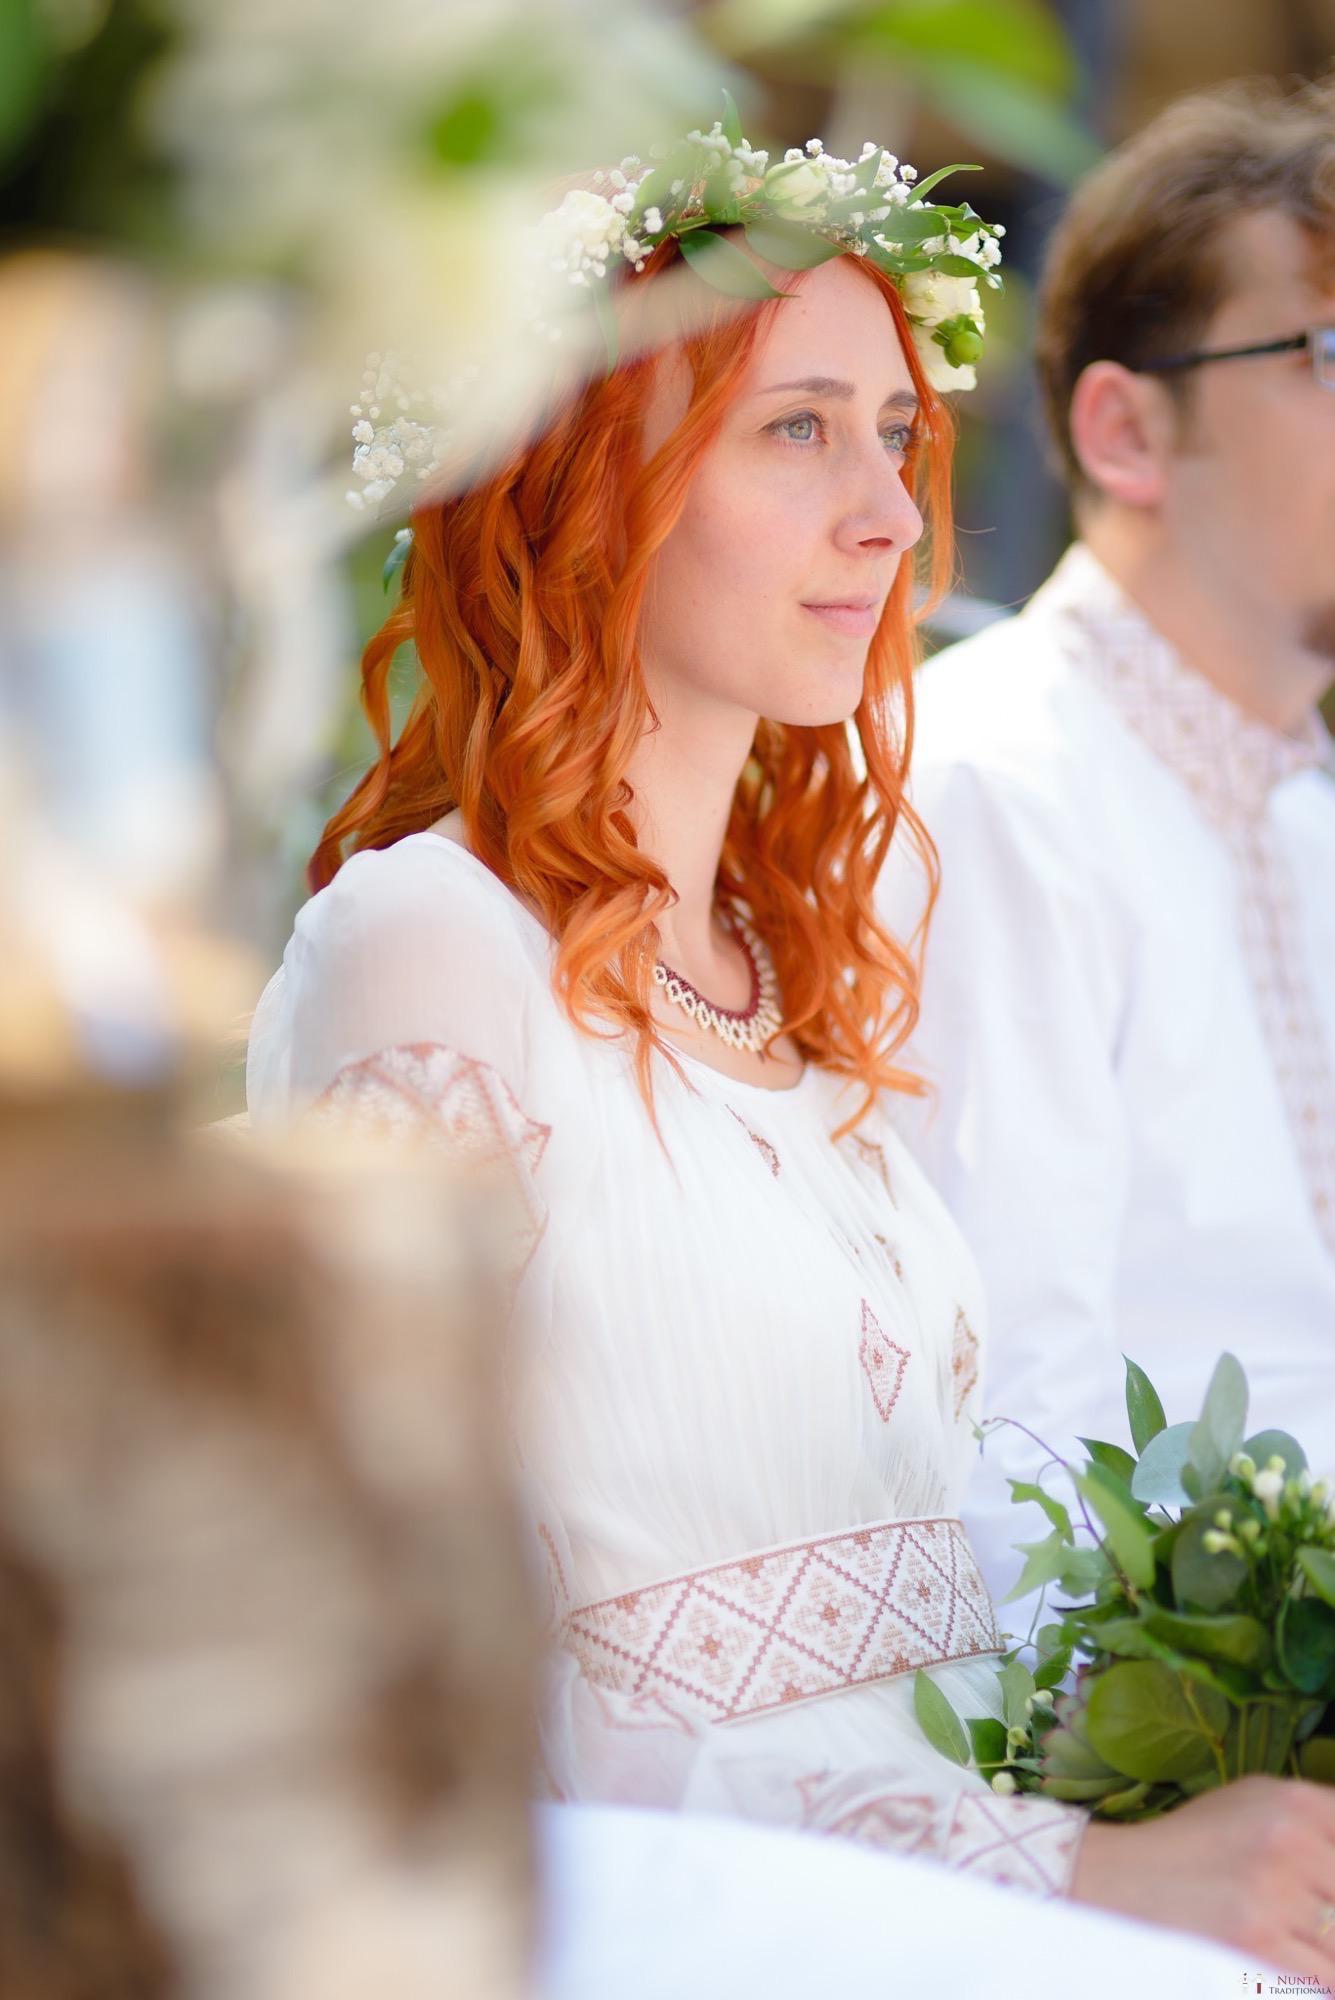 Povești Nunți Tradiționale - Aurelian și Sonia. Nuntă tradițională în Câmpulung Moldovenesc 12